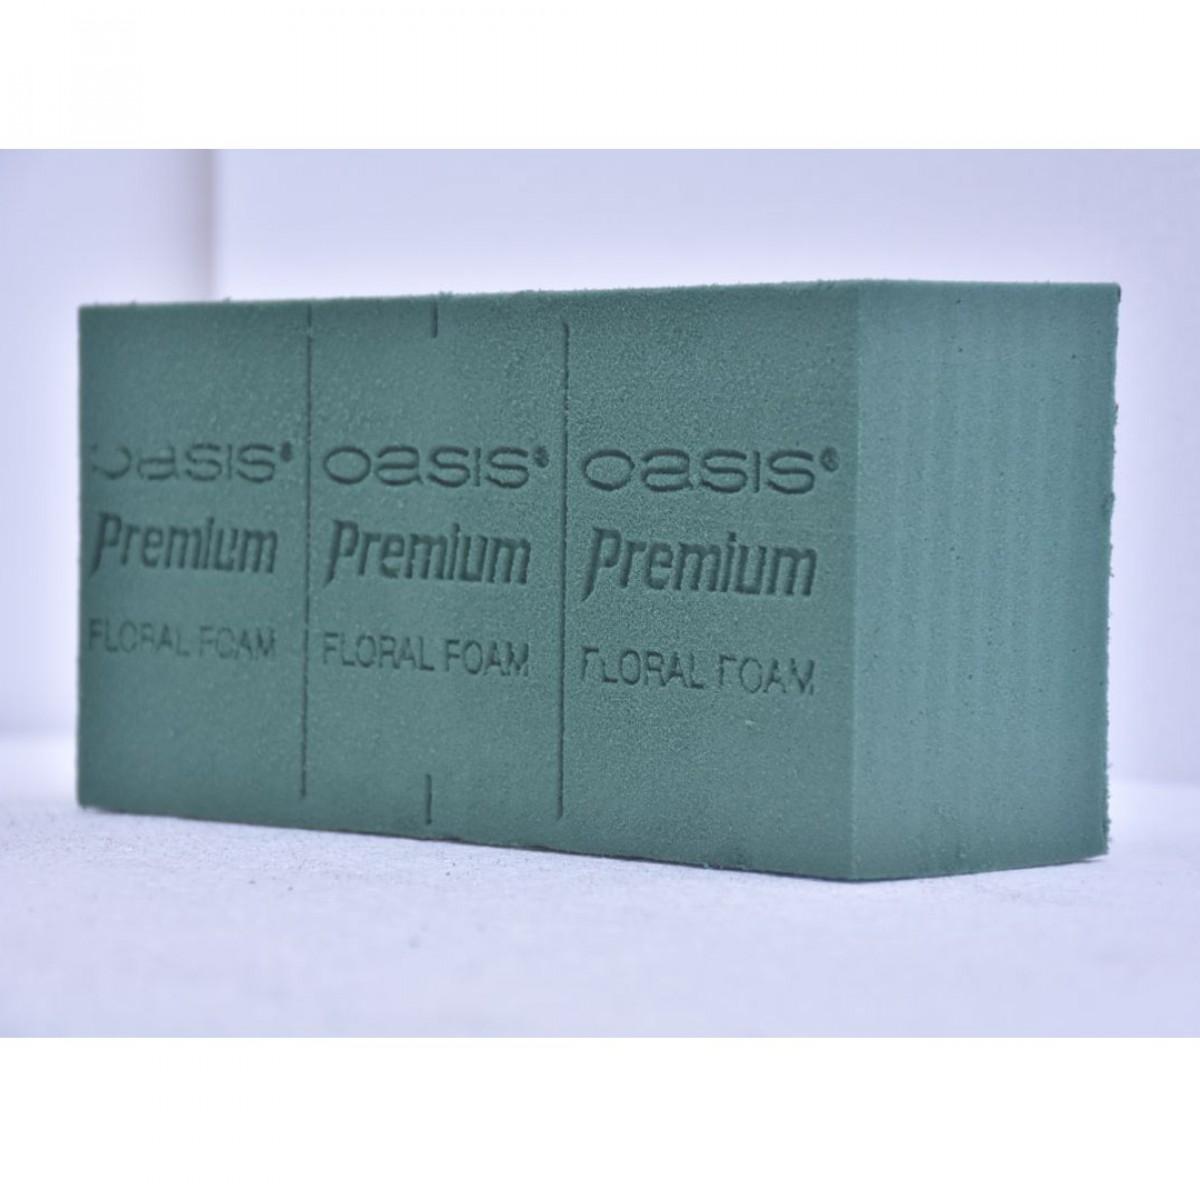 Premium Brick (4 Nos) Oasis Floral Foam